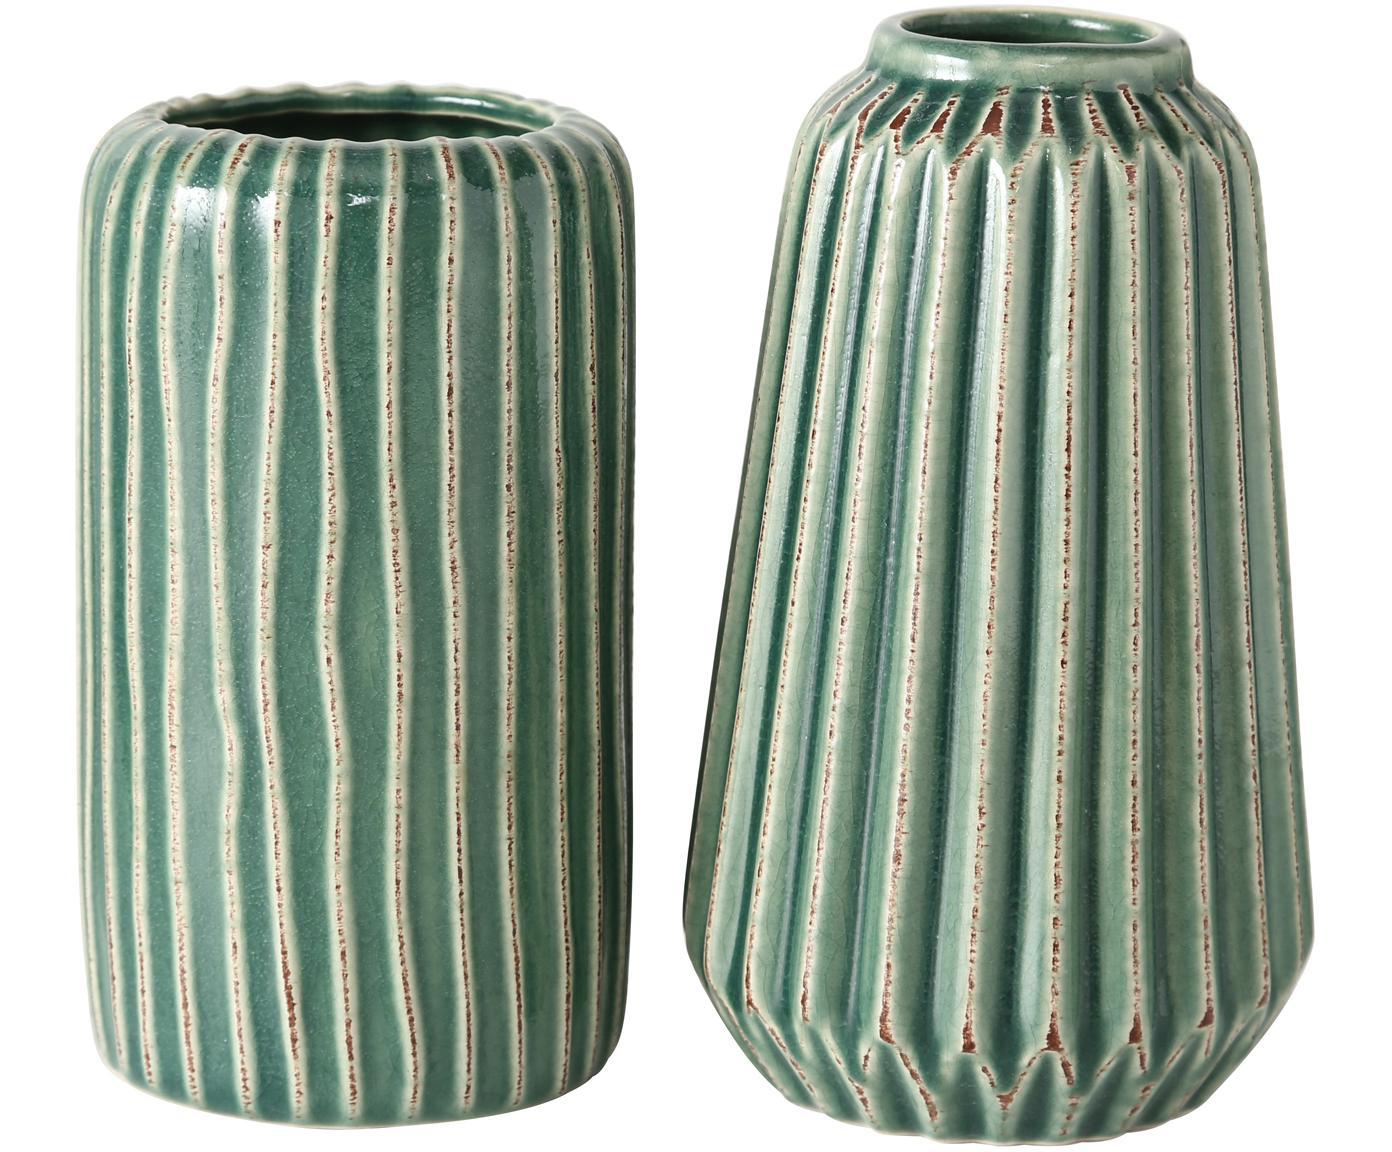 Komplet wazonów Icona, 2 elem., Kamionka, Zielony, brązowy, beżowy, Różne rozmiary